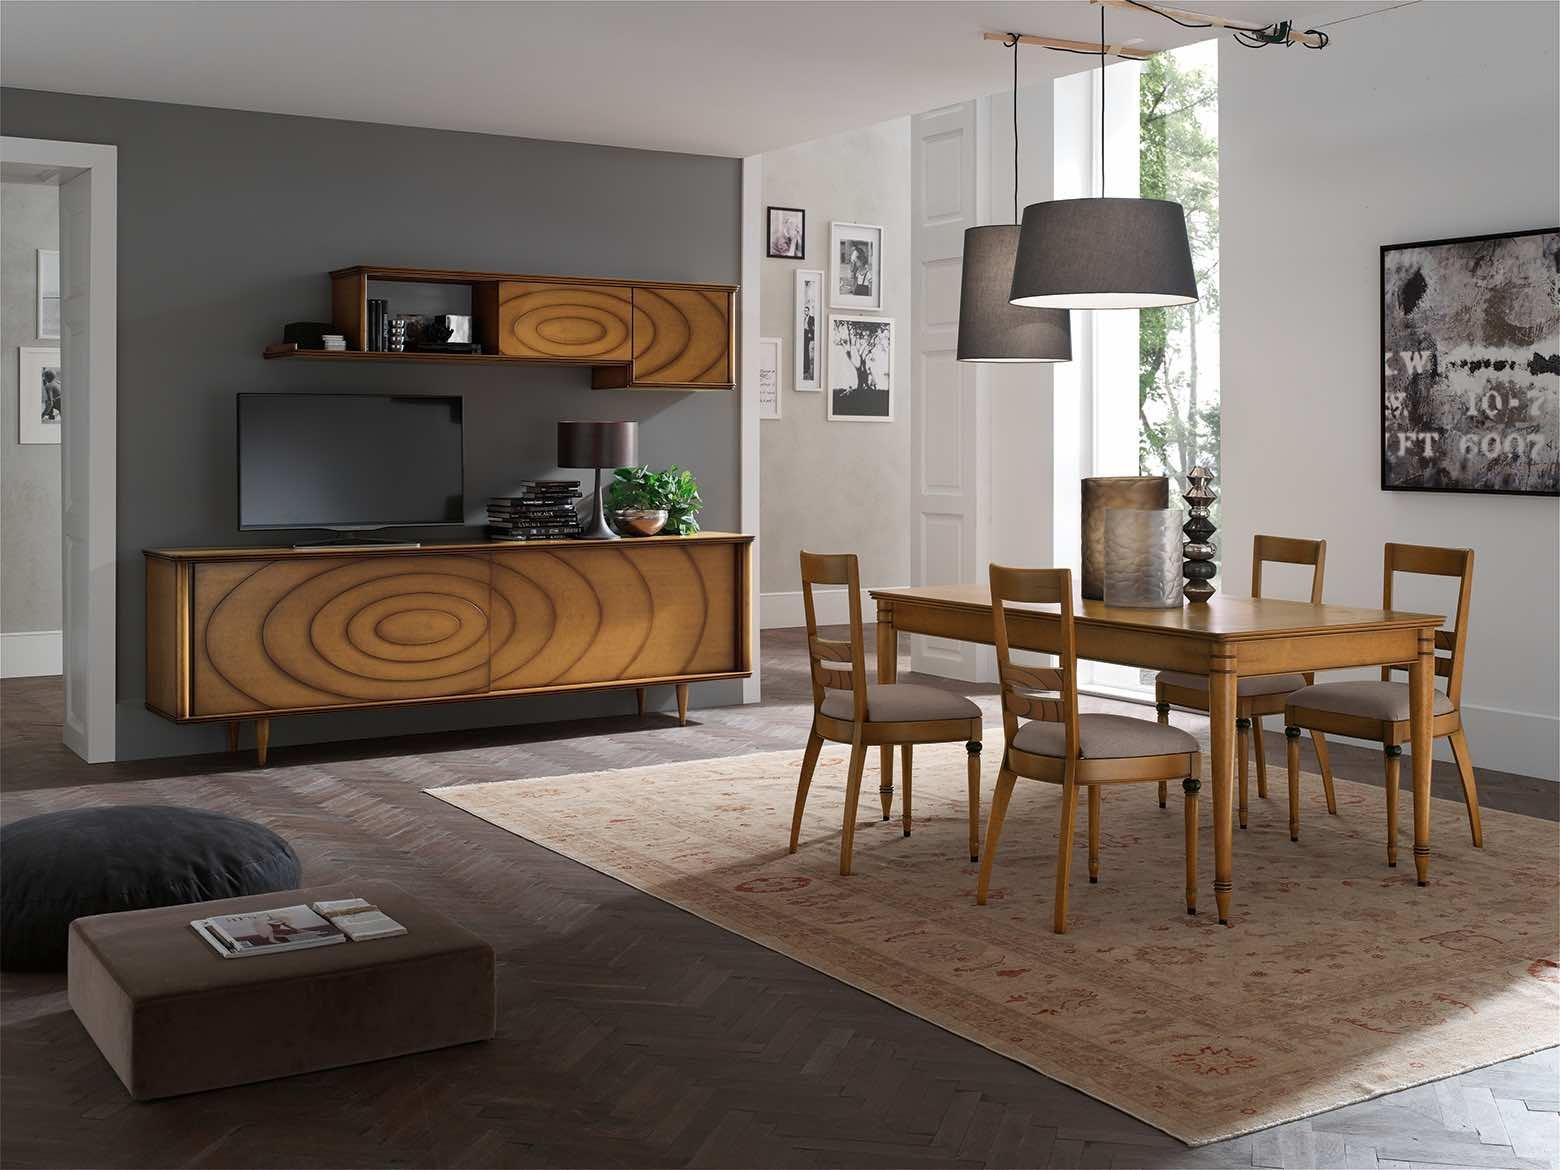 Bonus mobili e sconto iva per l 39 acquisto di soggiorno o for Case mobili normativa 2016